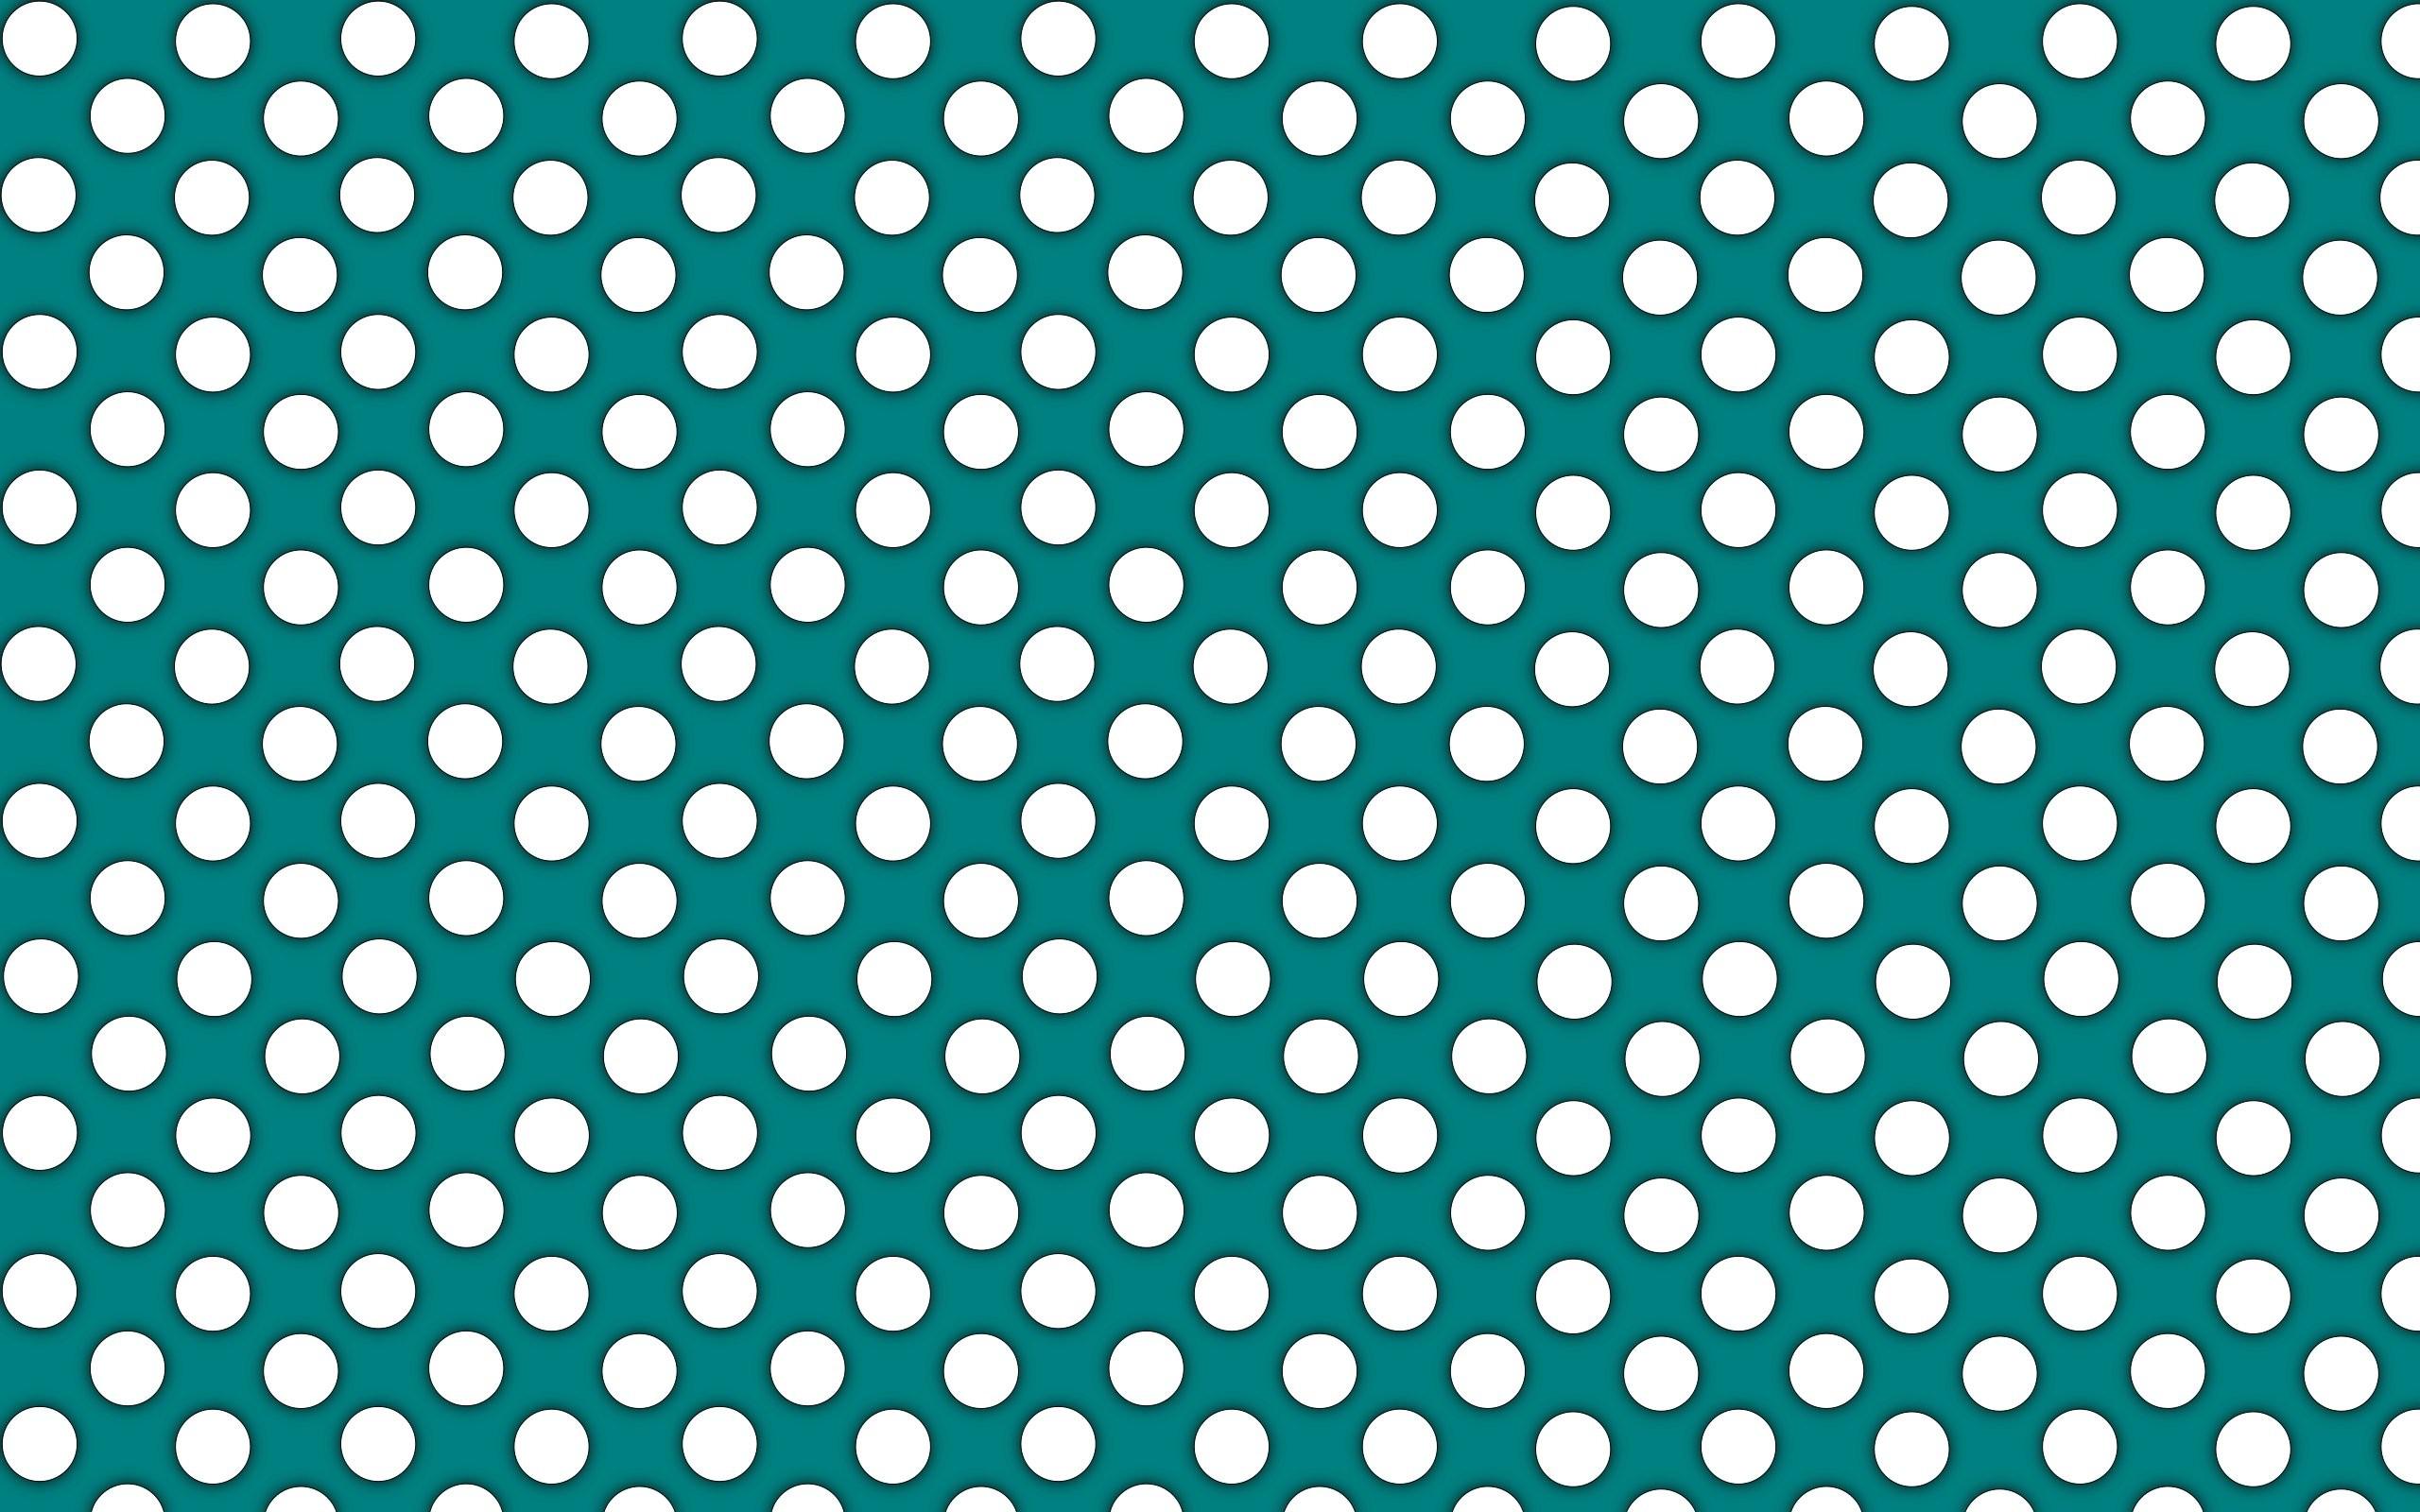 … black polka dot wallpaper wallpapersafari …